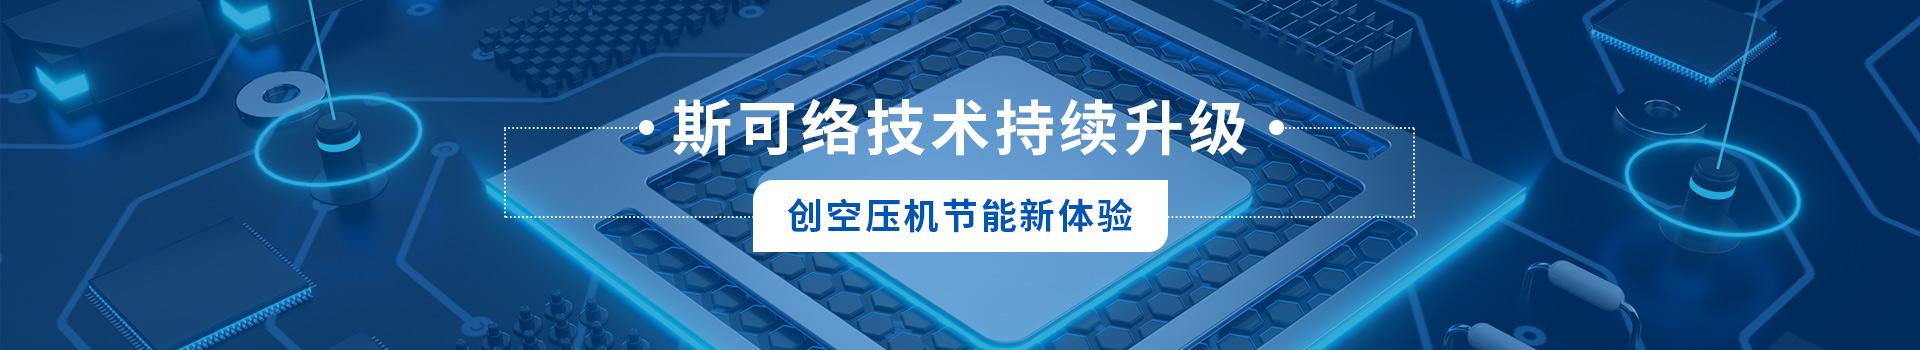 斯可络技术持续升级 创空压机节能新体验